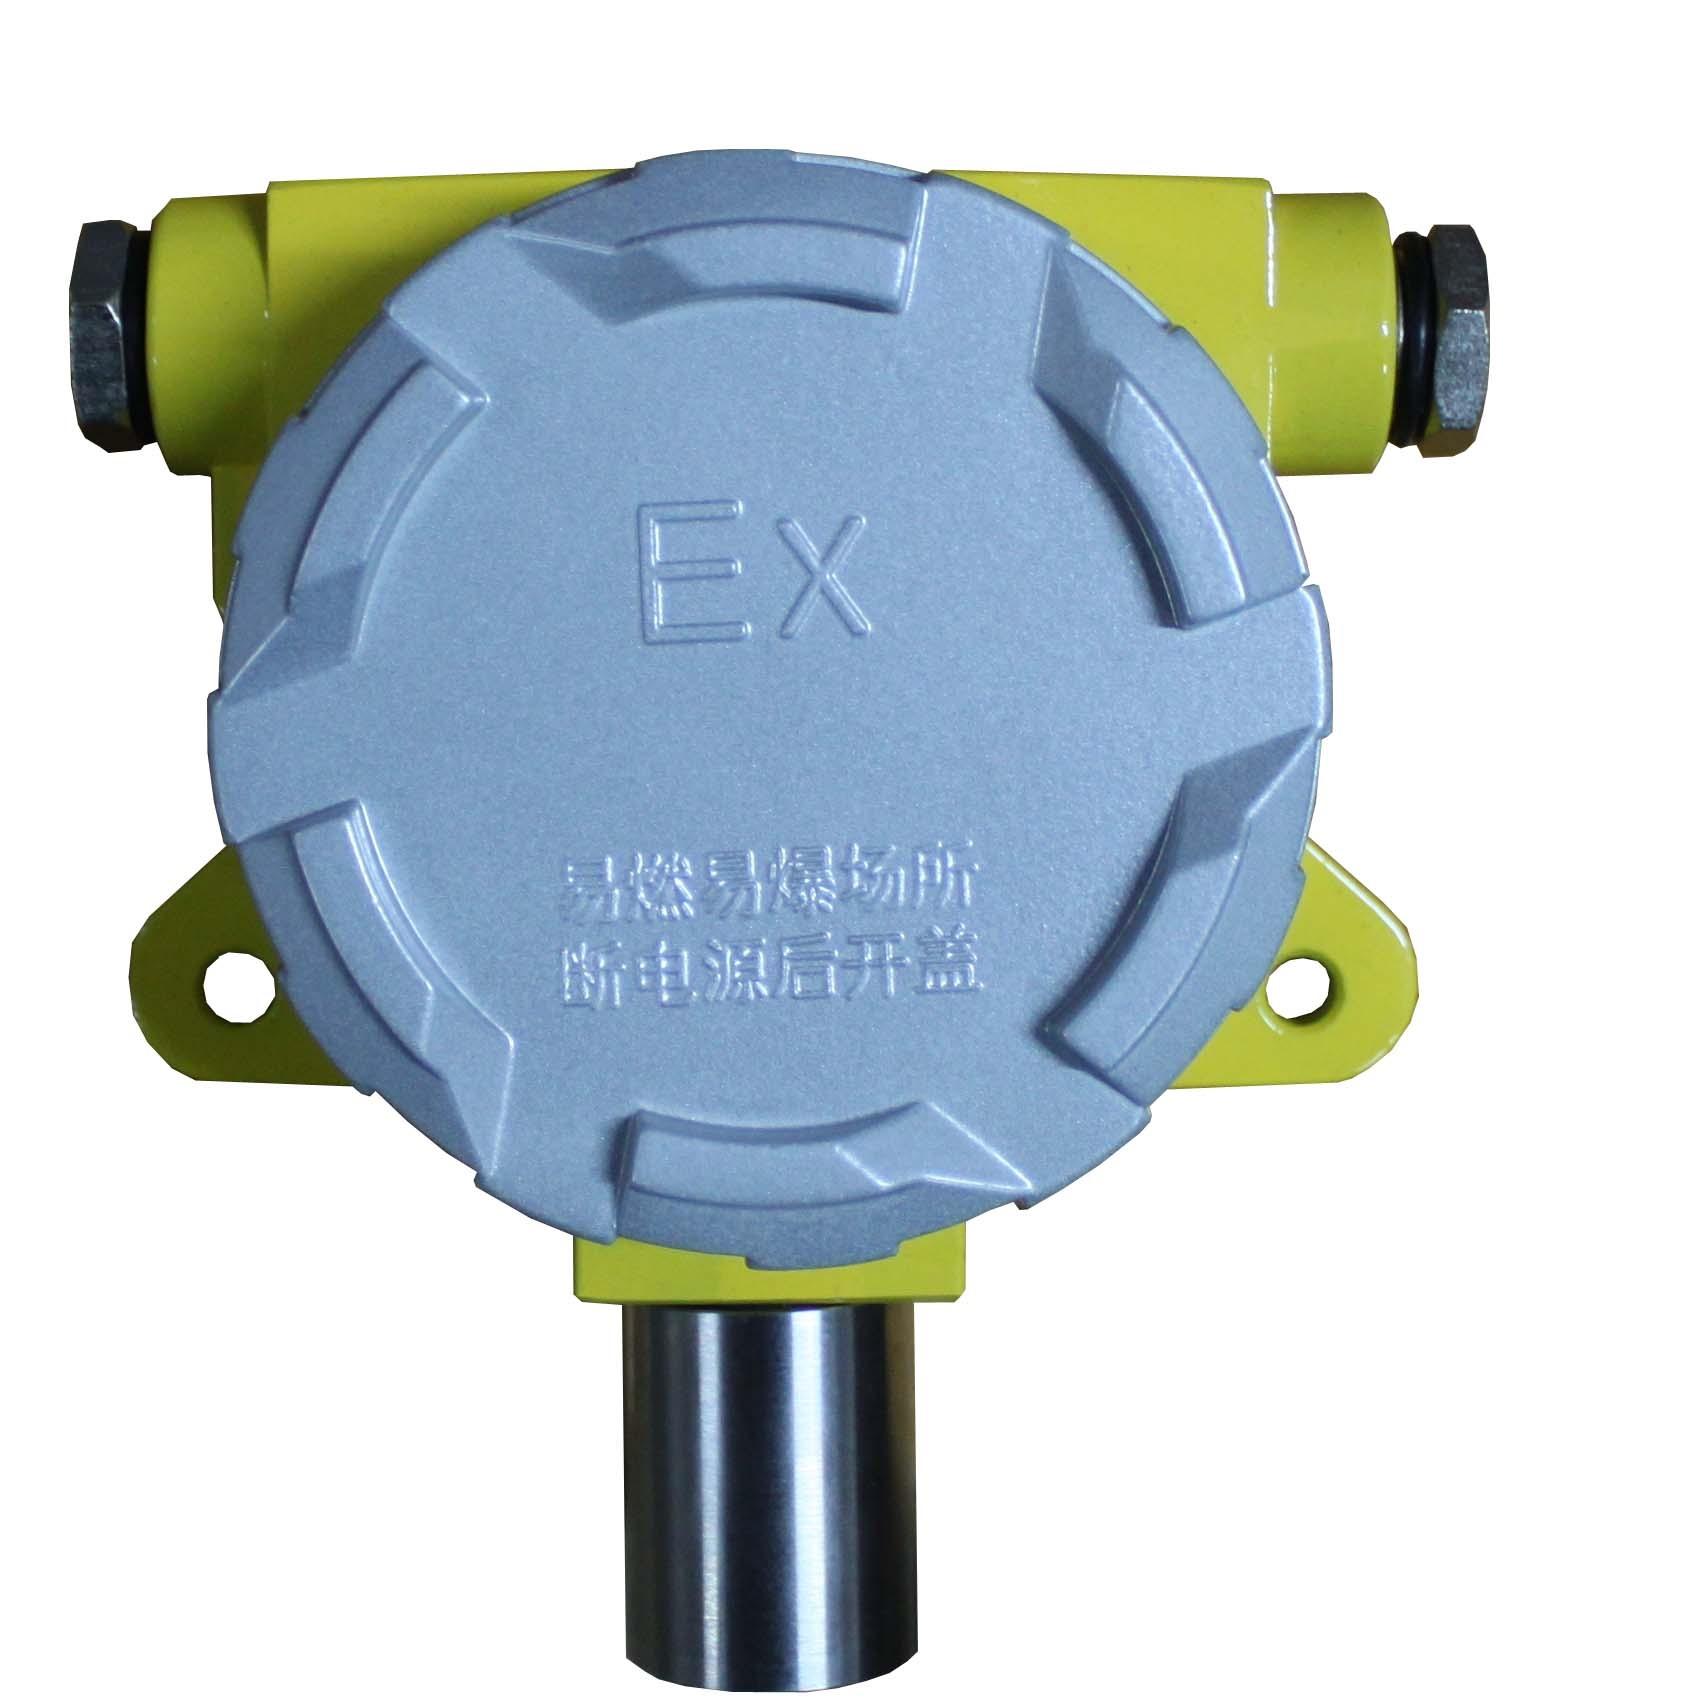 工业固定壁挂甲烷气体报警器甲烷泄漏探测器